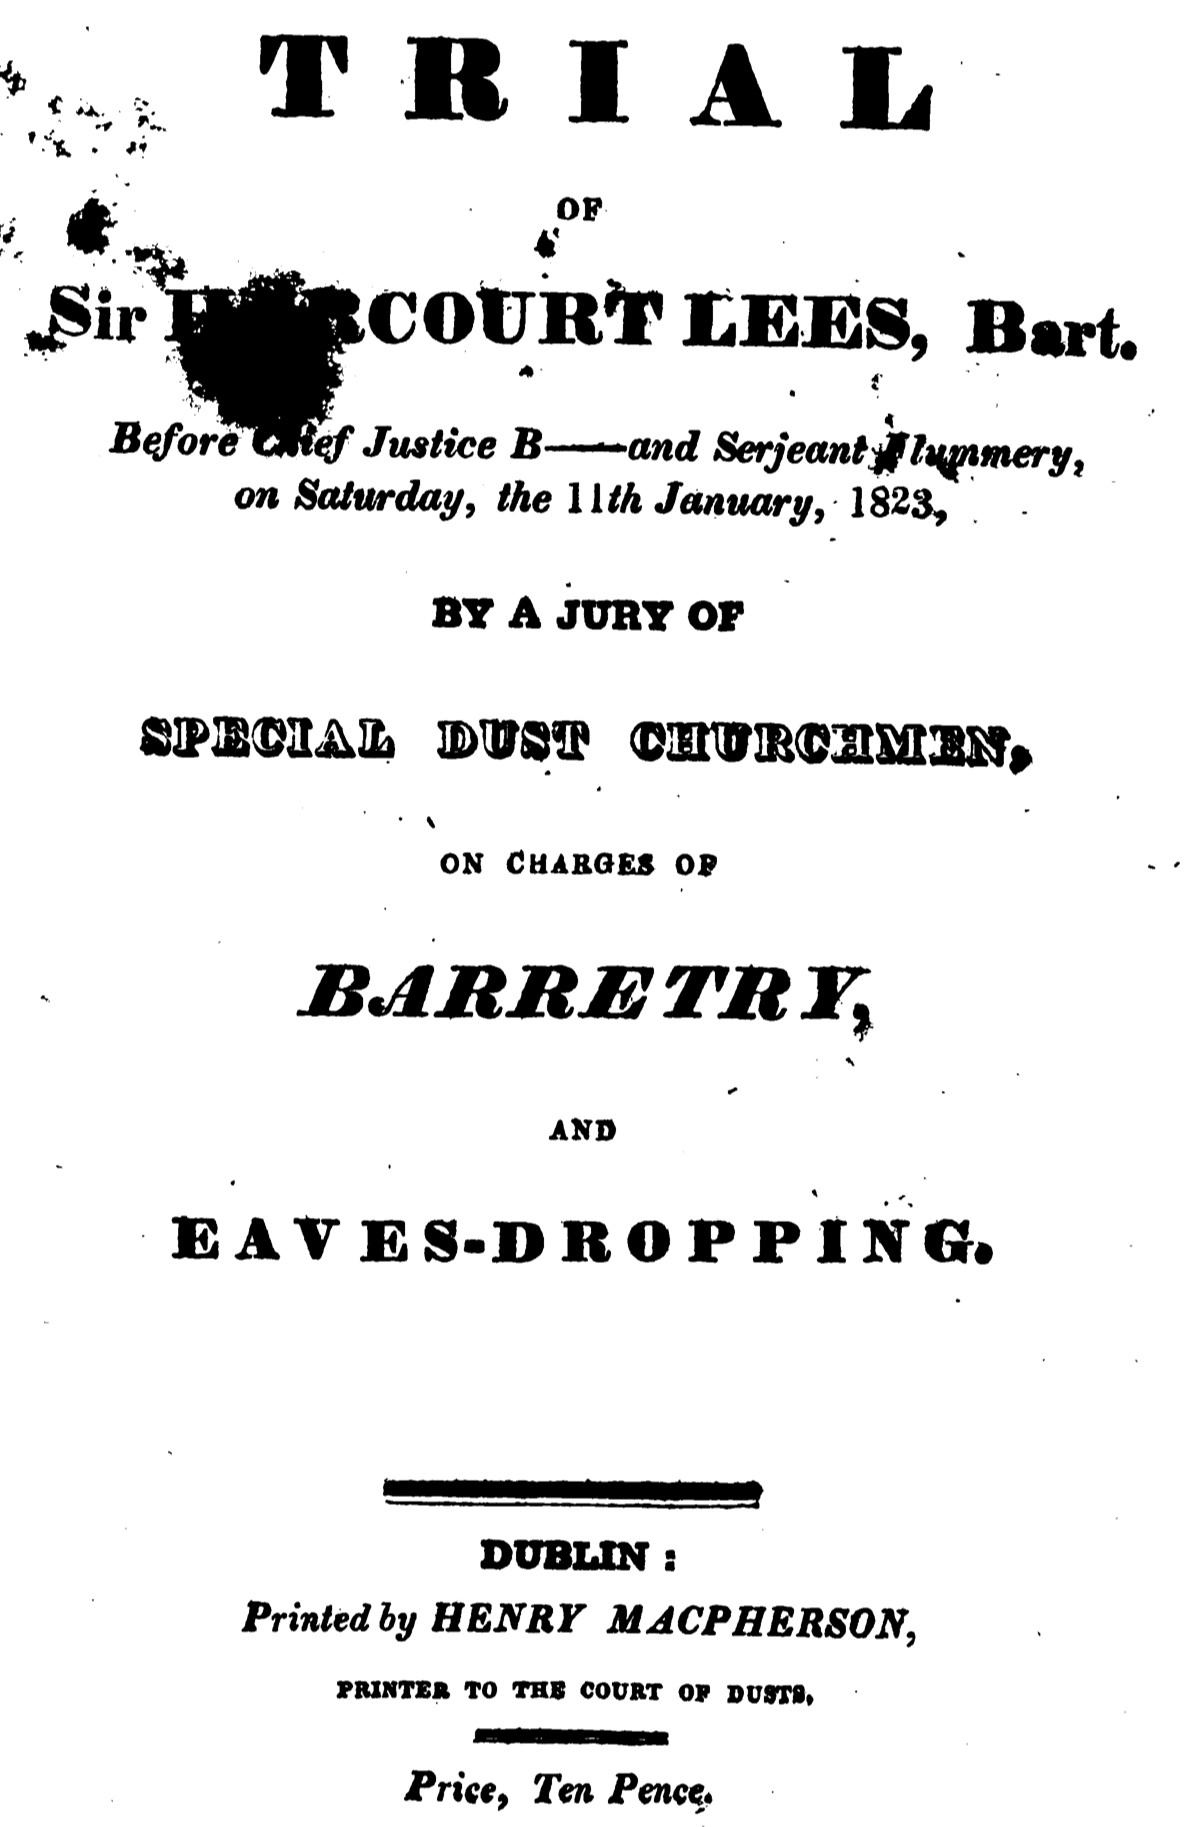 Trial of Sir Harcourt Lees (1823)